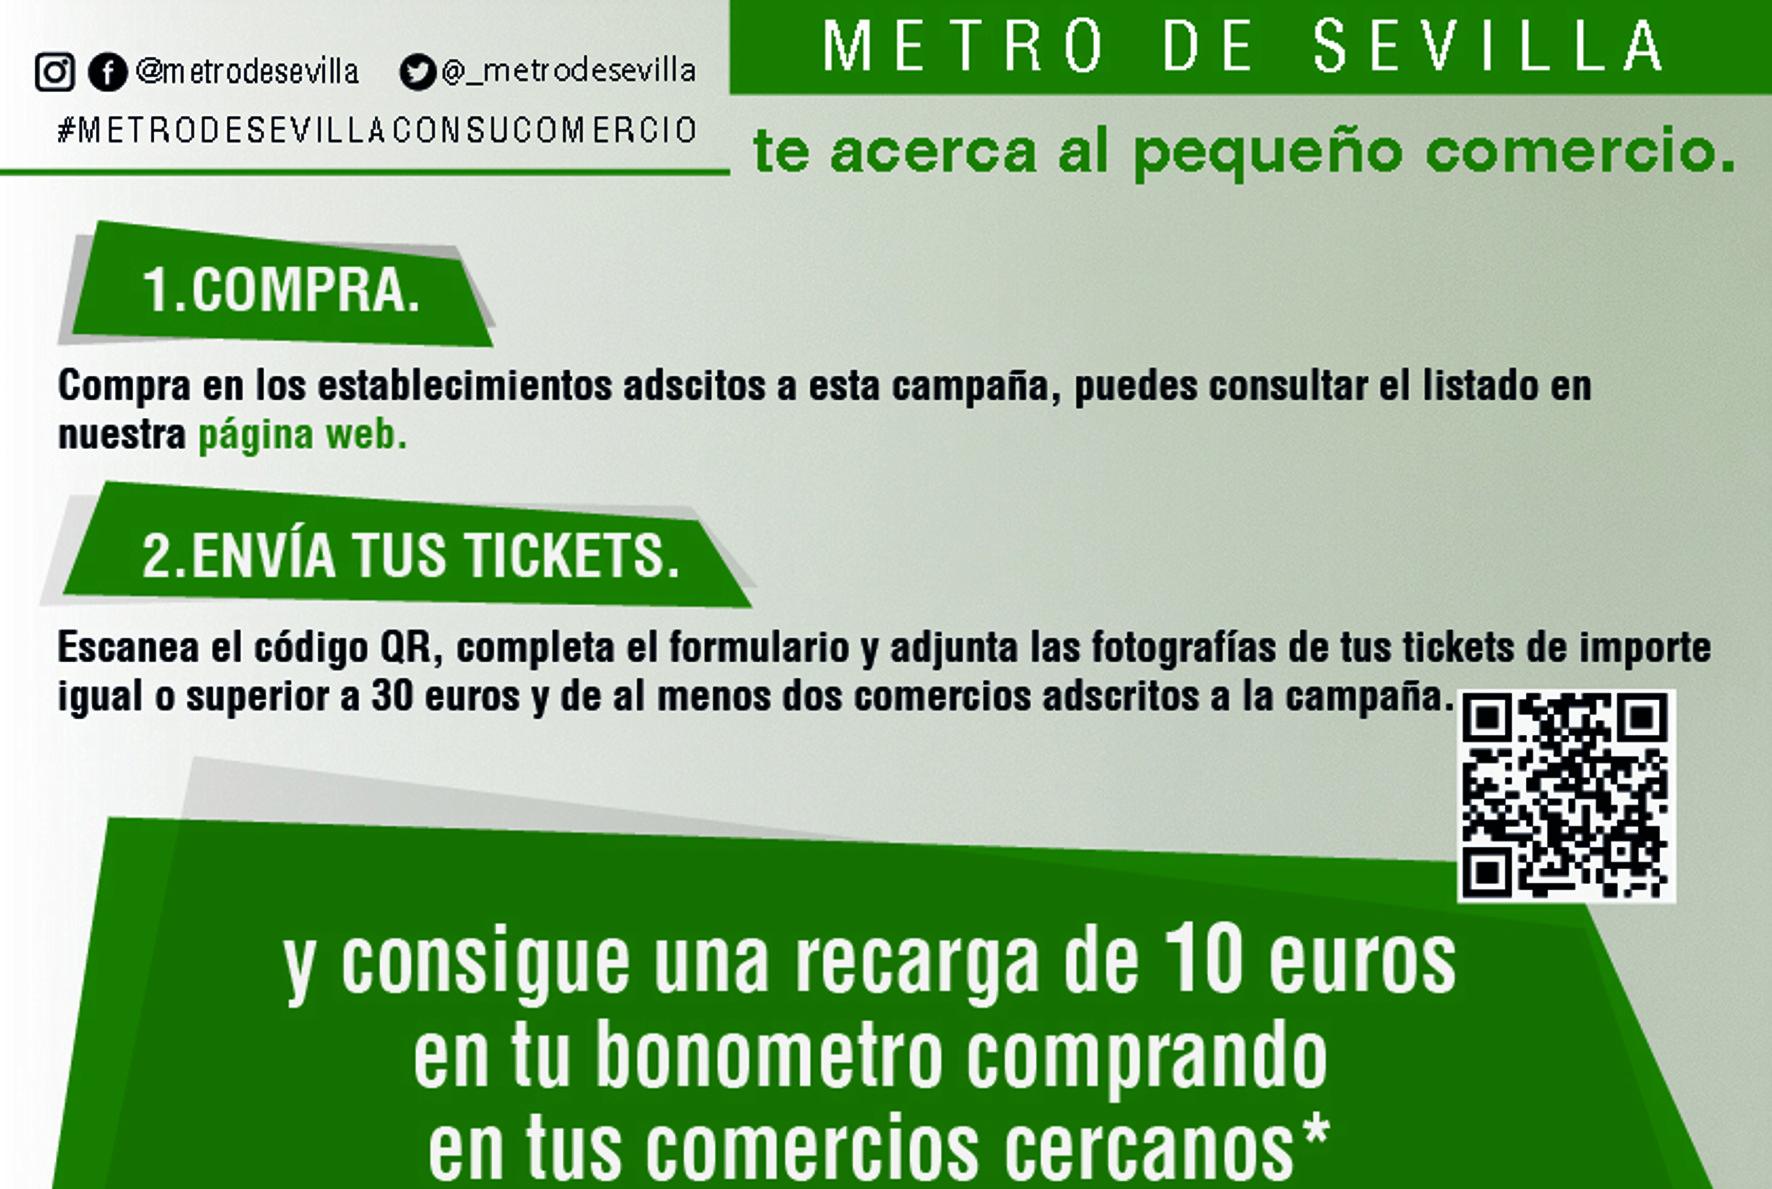 Metro de Sevilla promociona el comercio de proximidad.